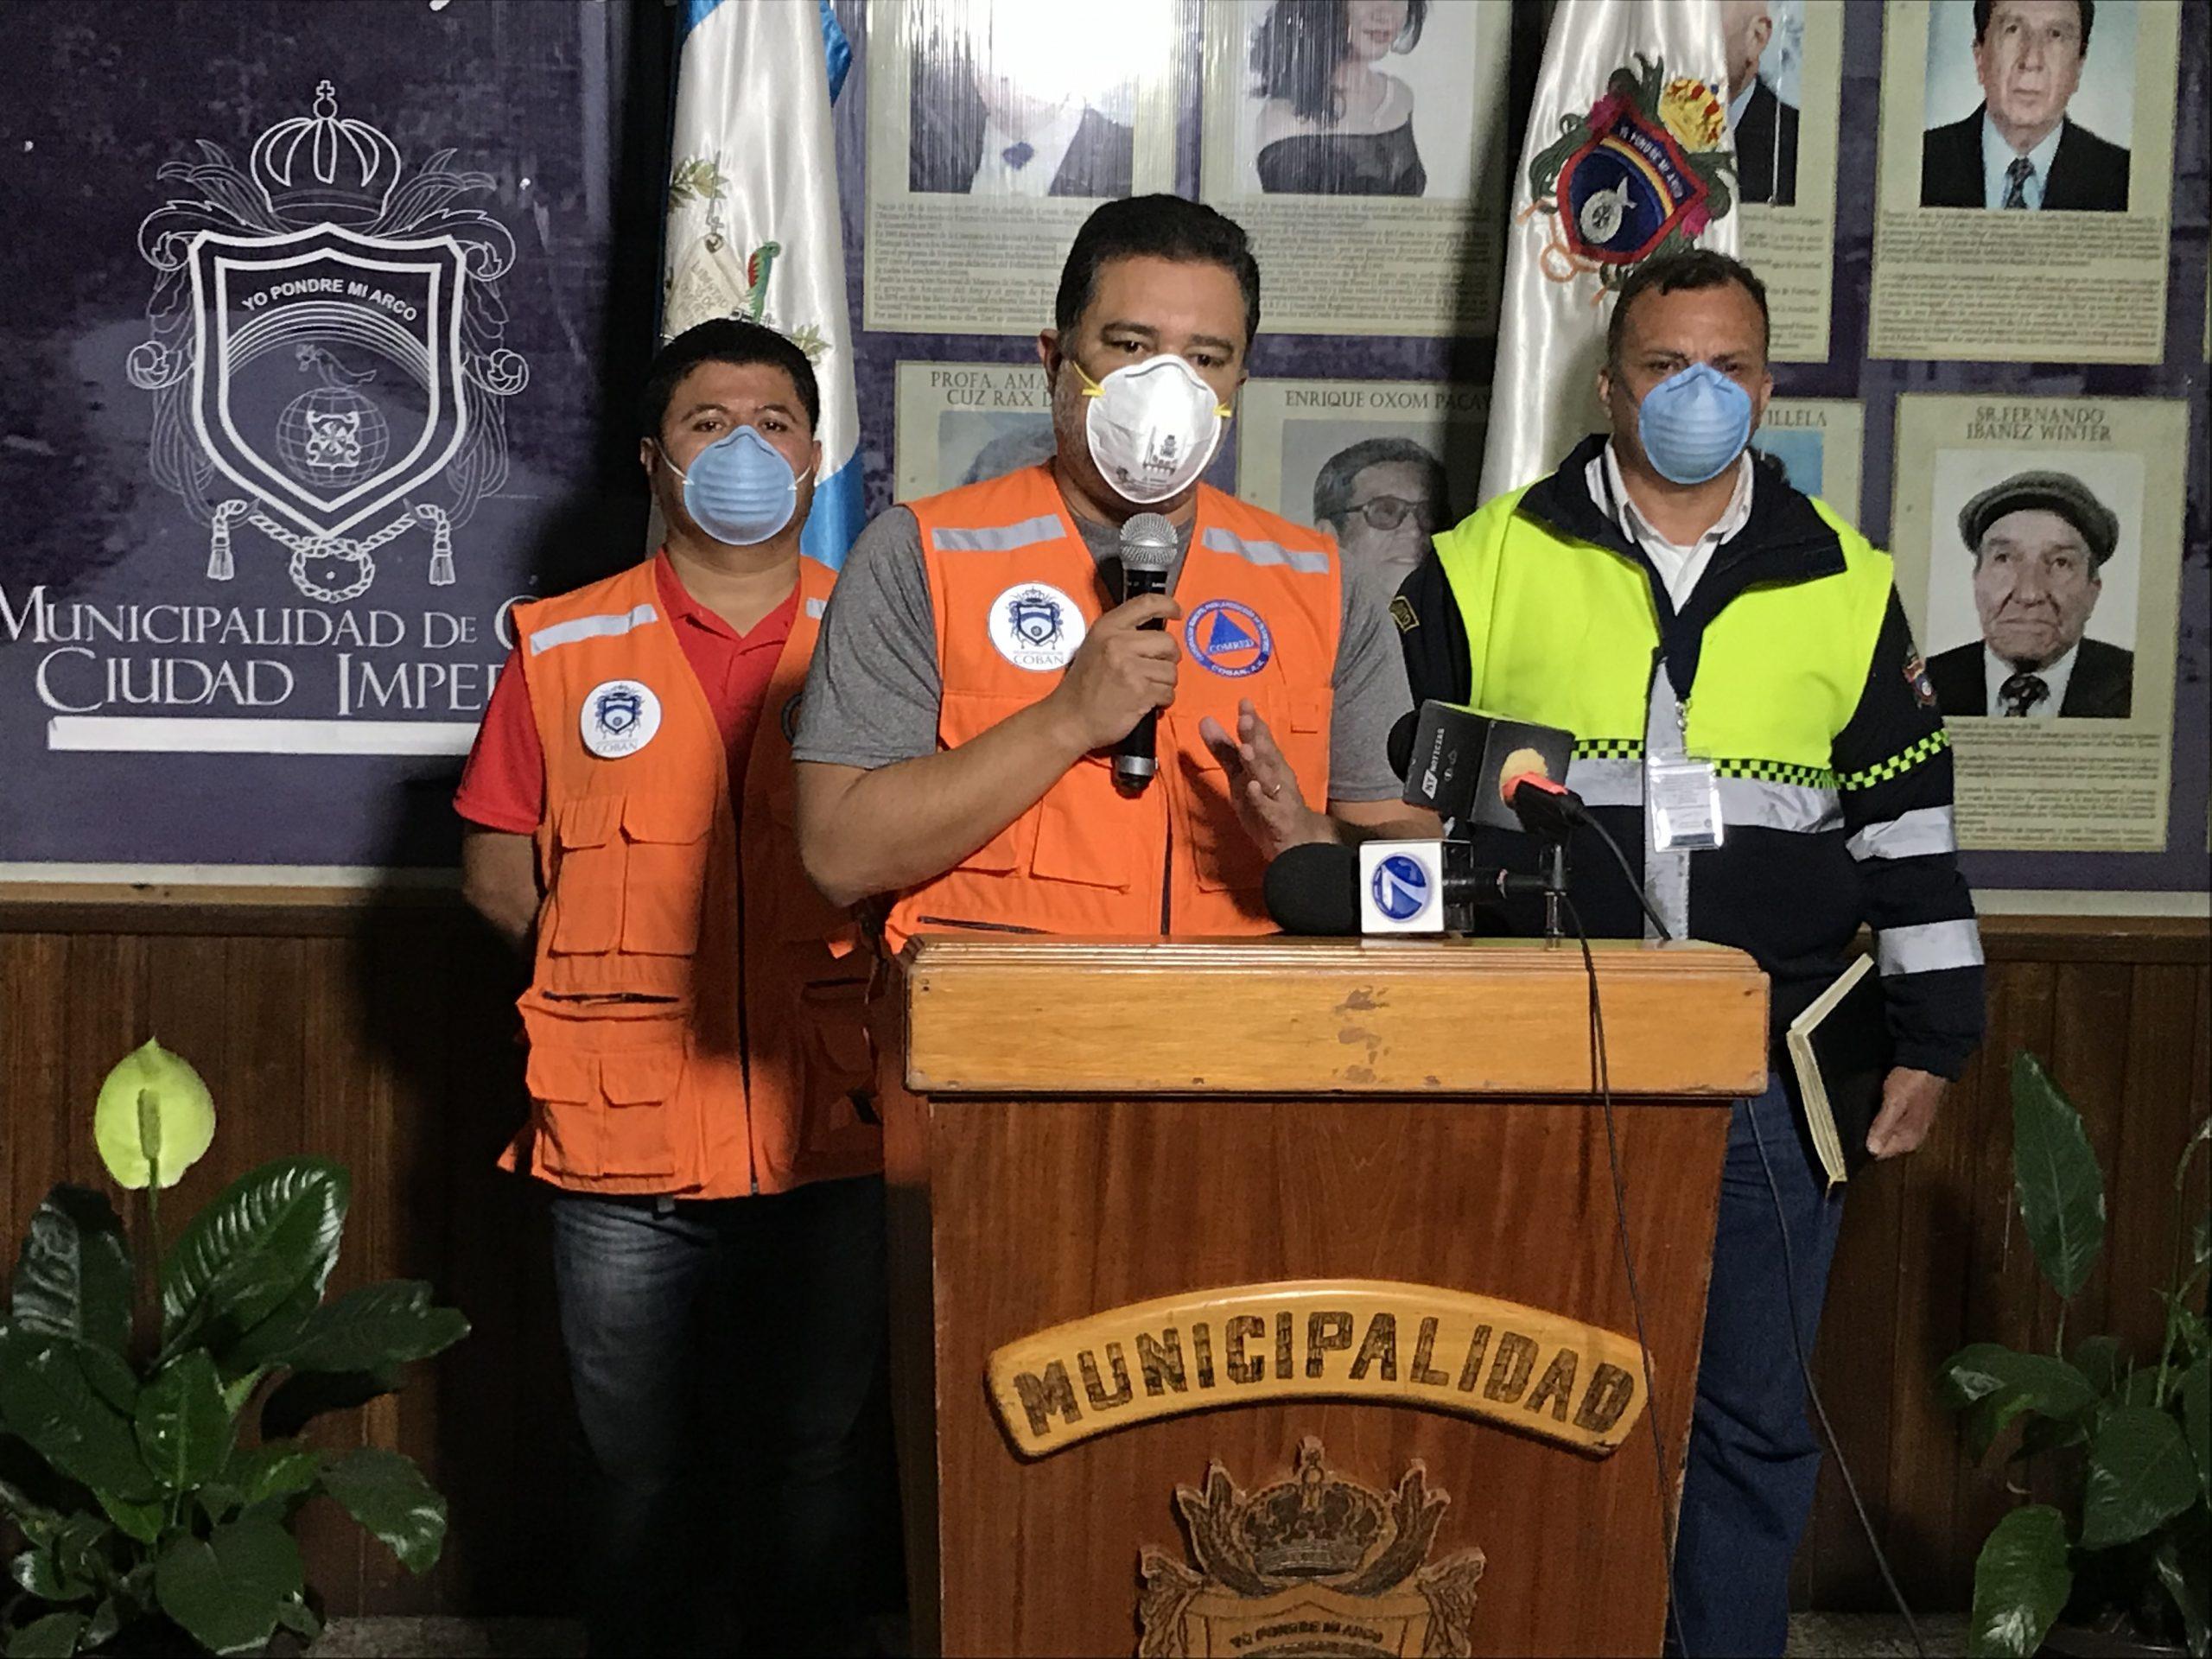 El alcalde de Cobán, Leonel Chacón Barrios, habla durante la conferencia de prensa en la que dio a conocer que la Municipalidad no puede dejar de atender los servicios básicos de la población. (Foto: Eduardo Sam)